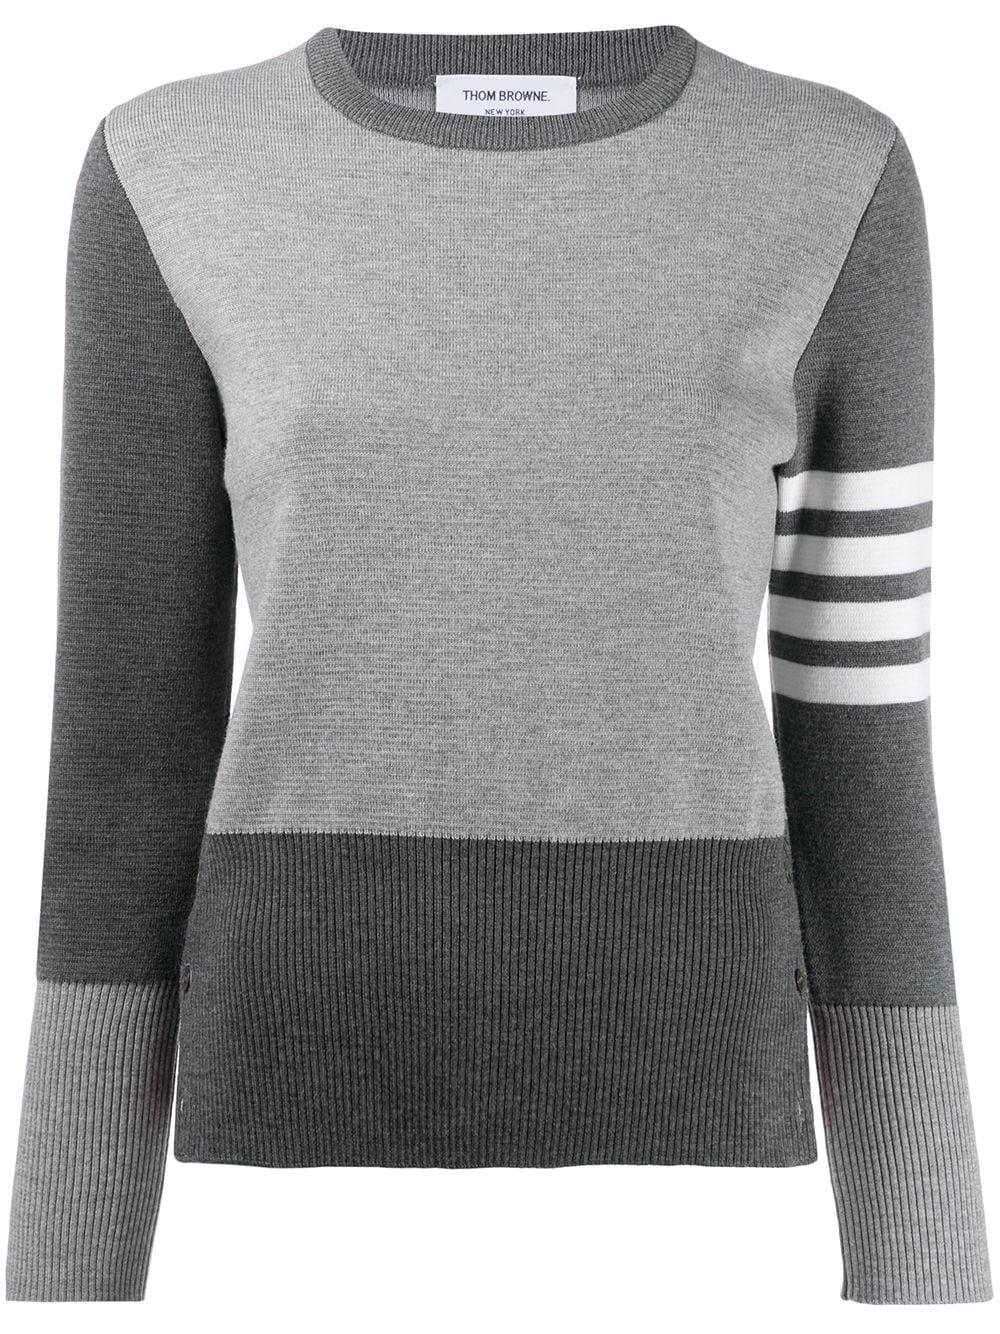 Thom Browne Pullover mit Logo-Streifen - Grau